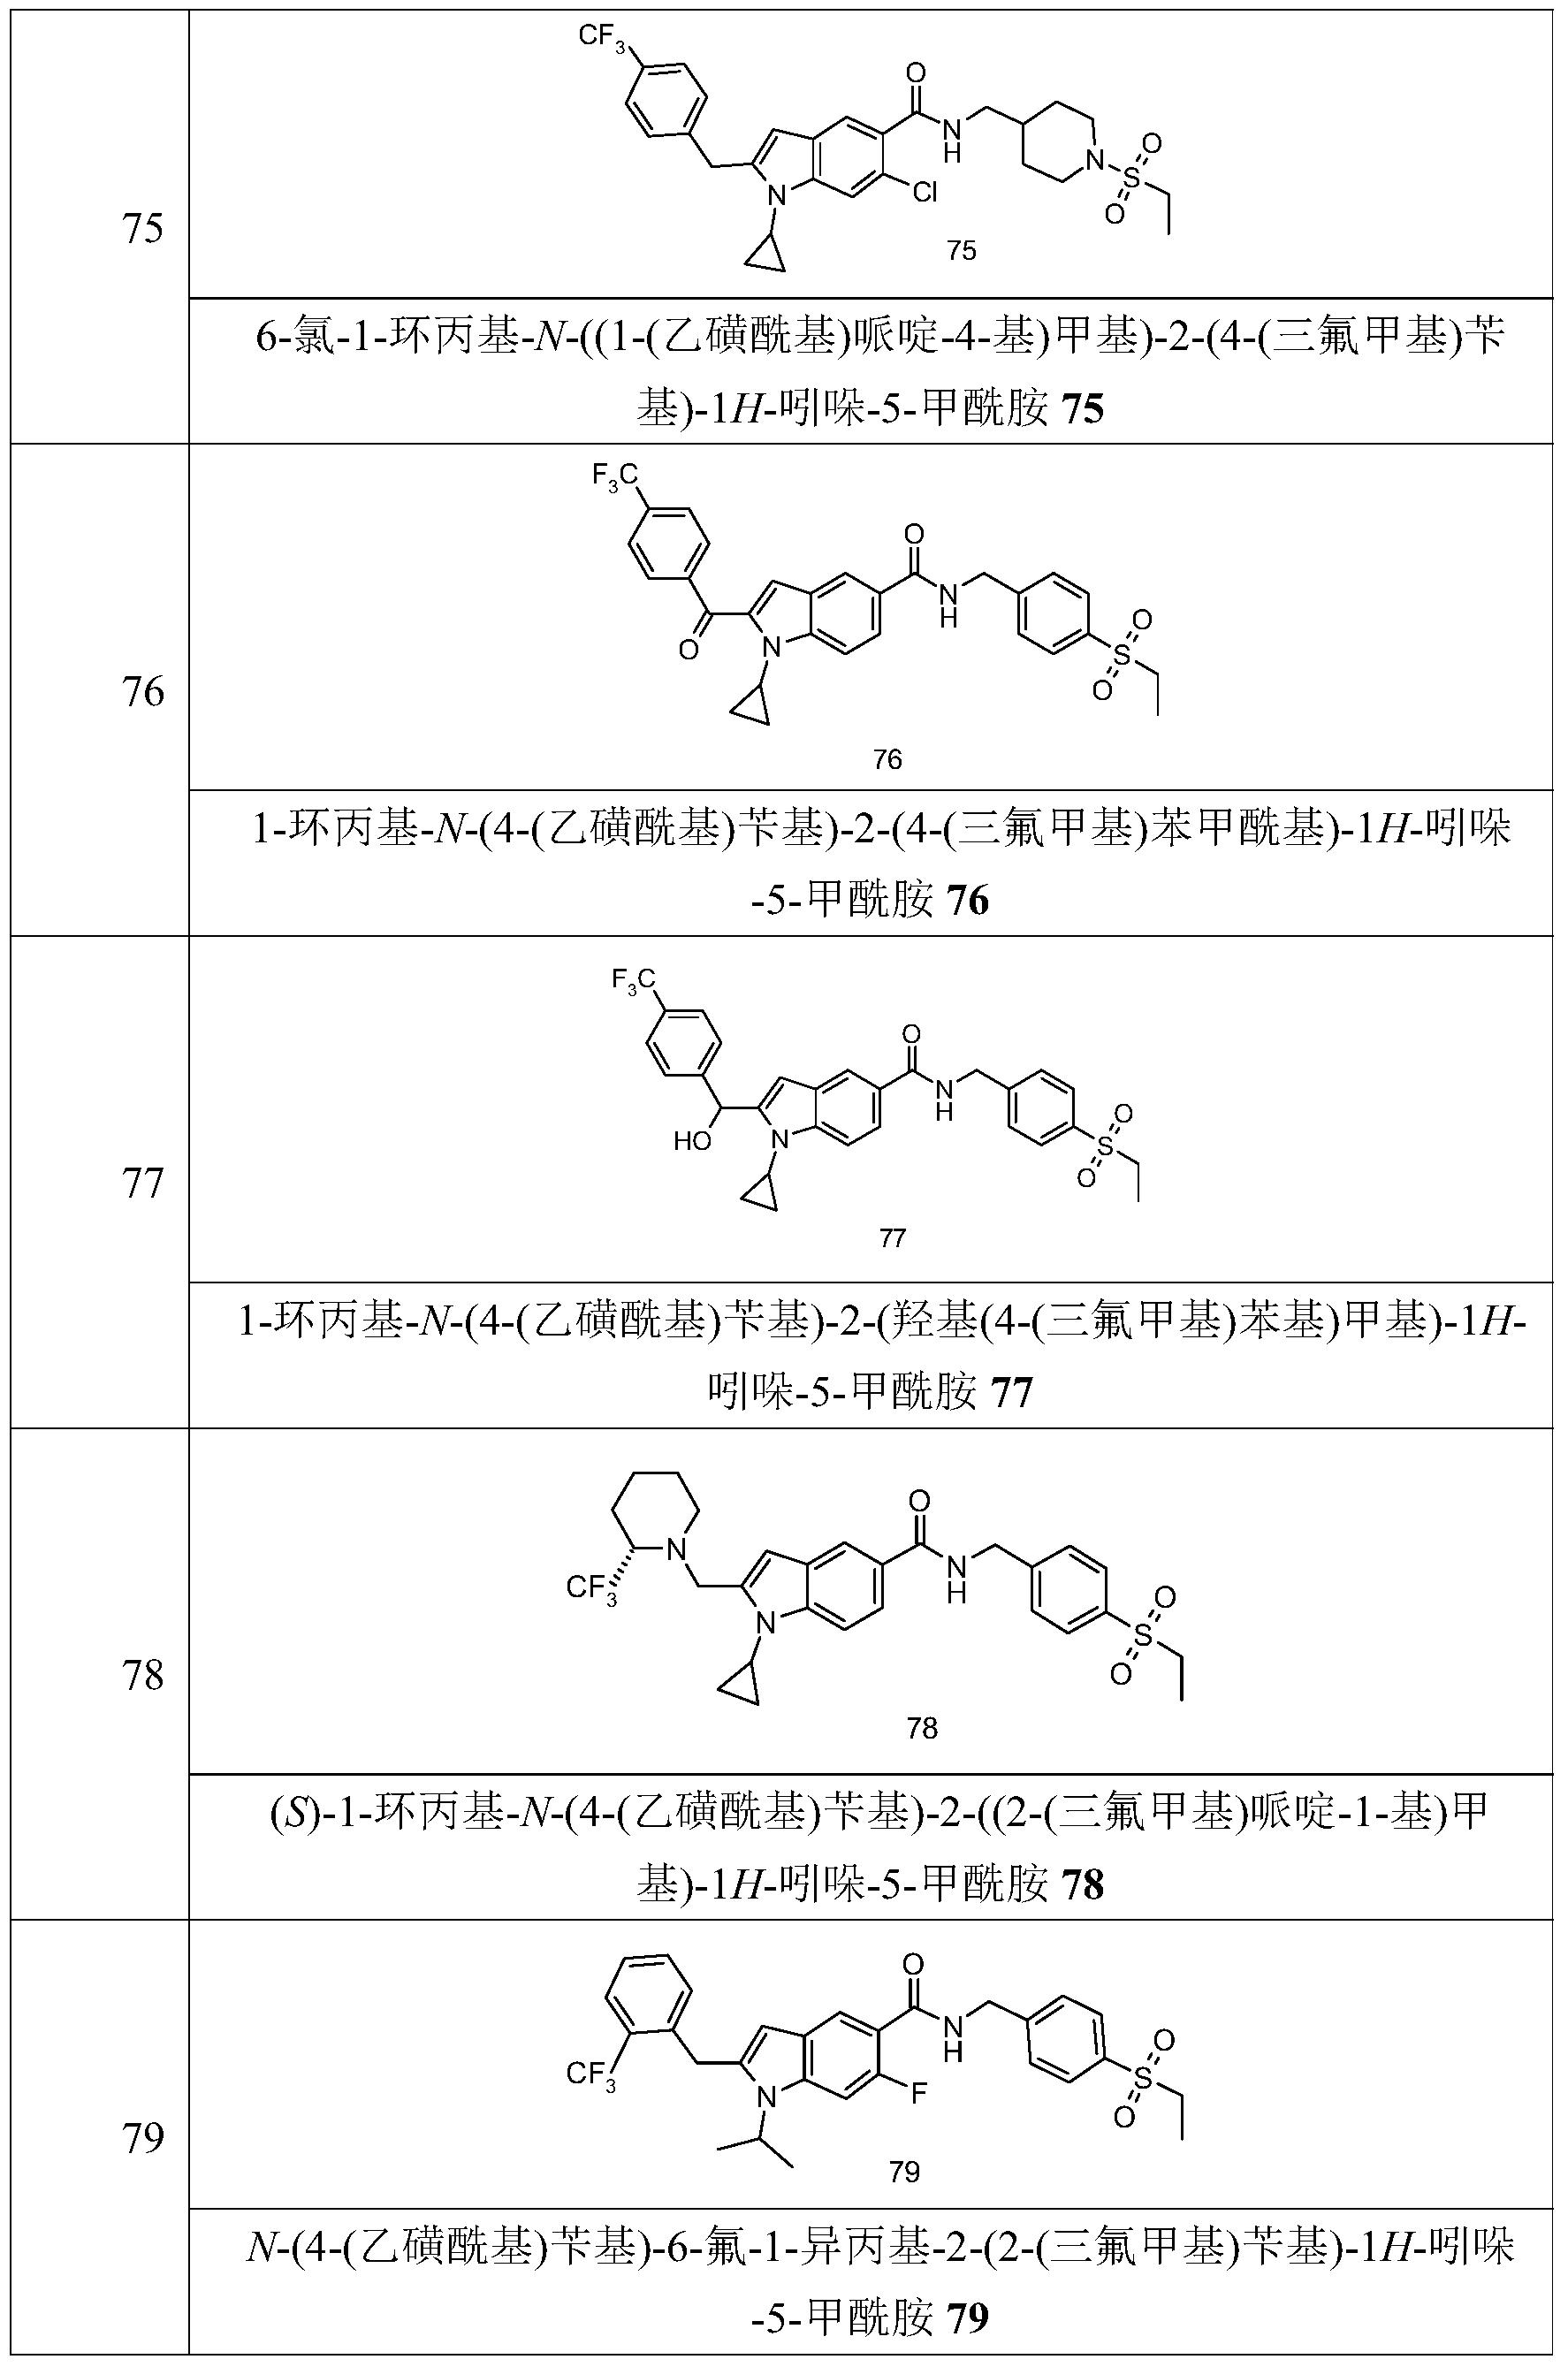 Figure PCTCN2017077114-appb-000026